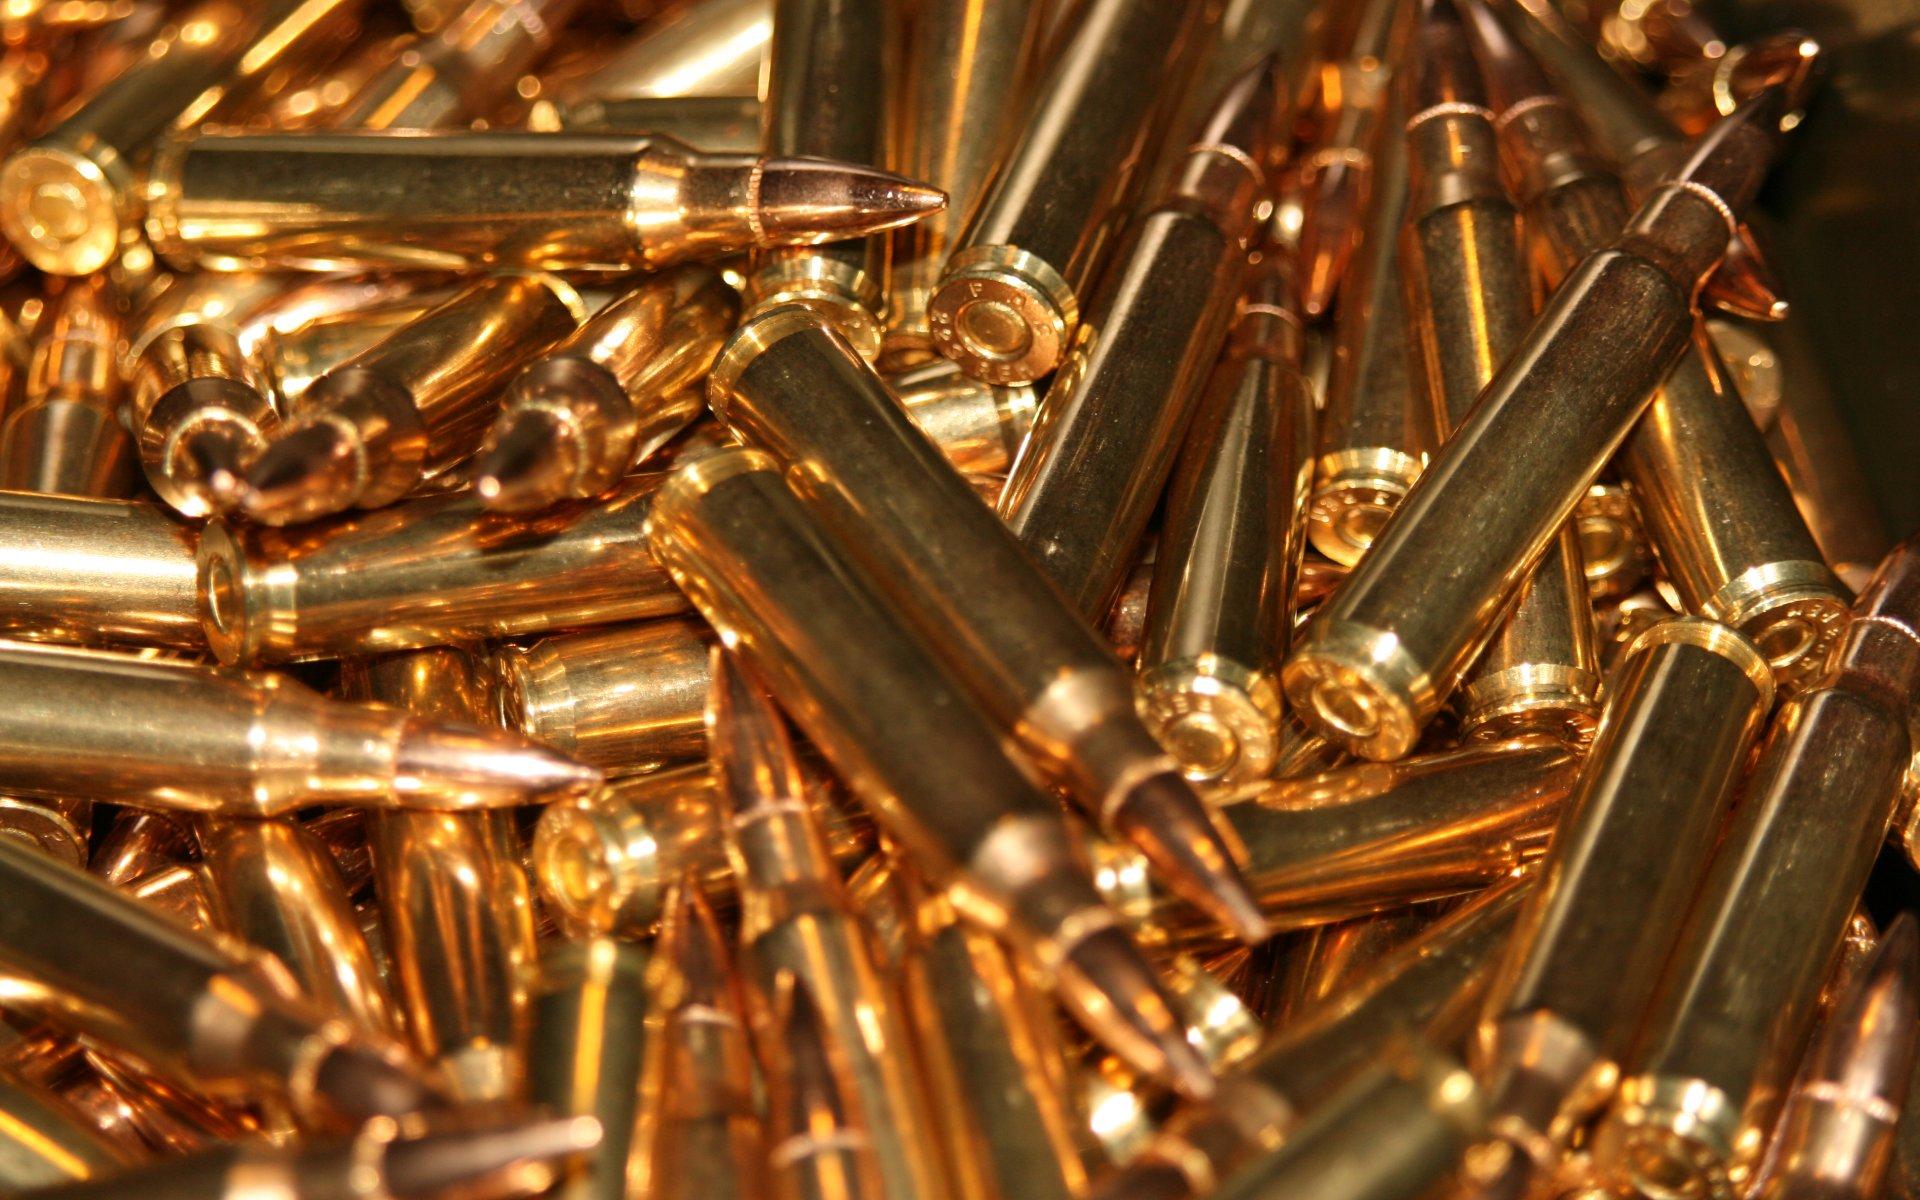 Guns Wallpaper Hd 14 Hd Ammunition Bullet Wallpapers